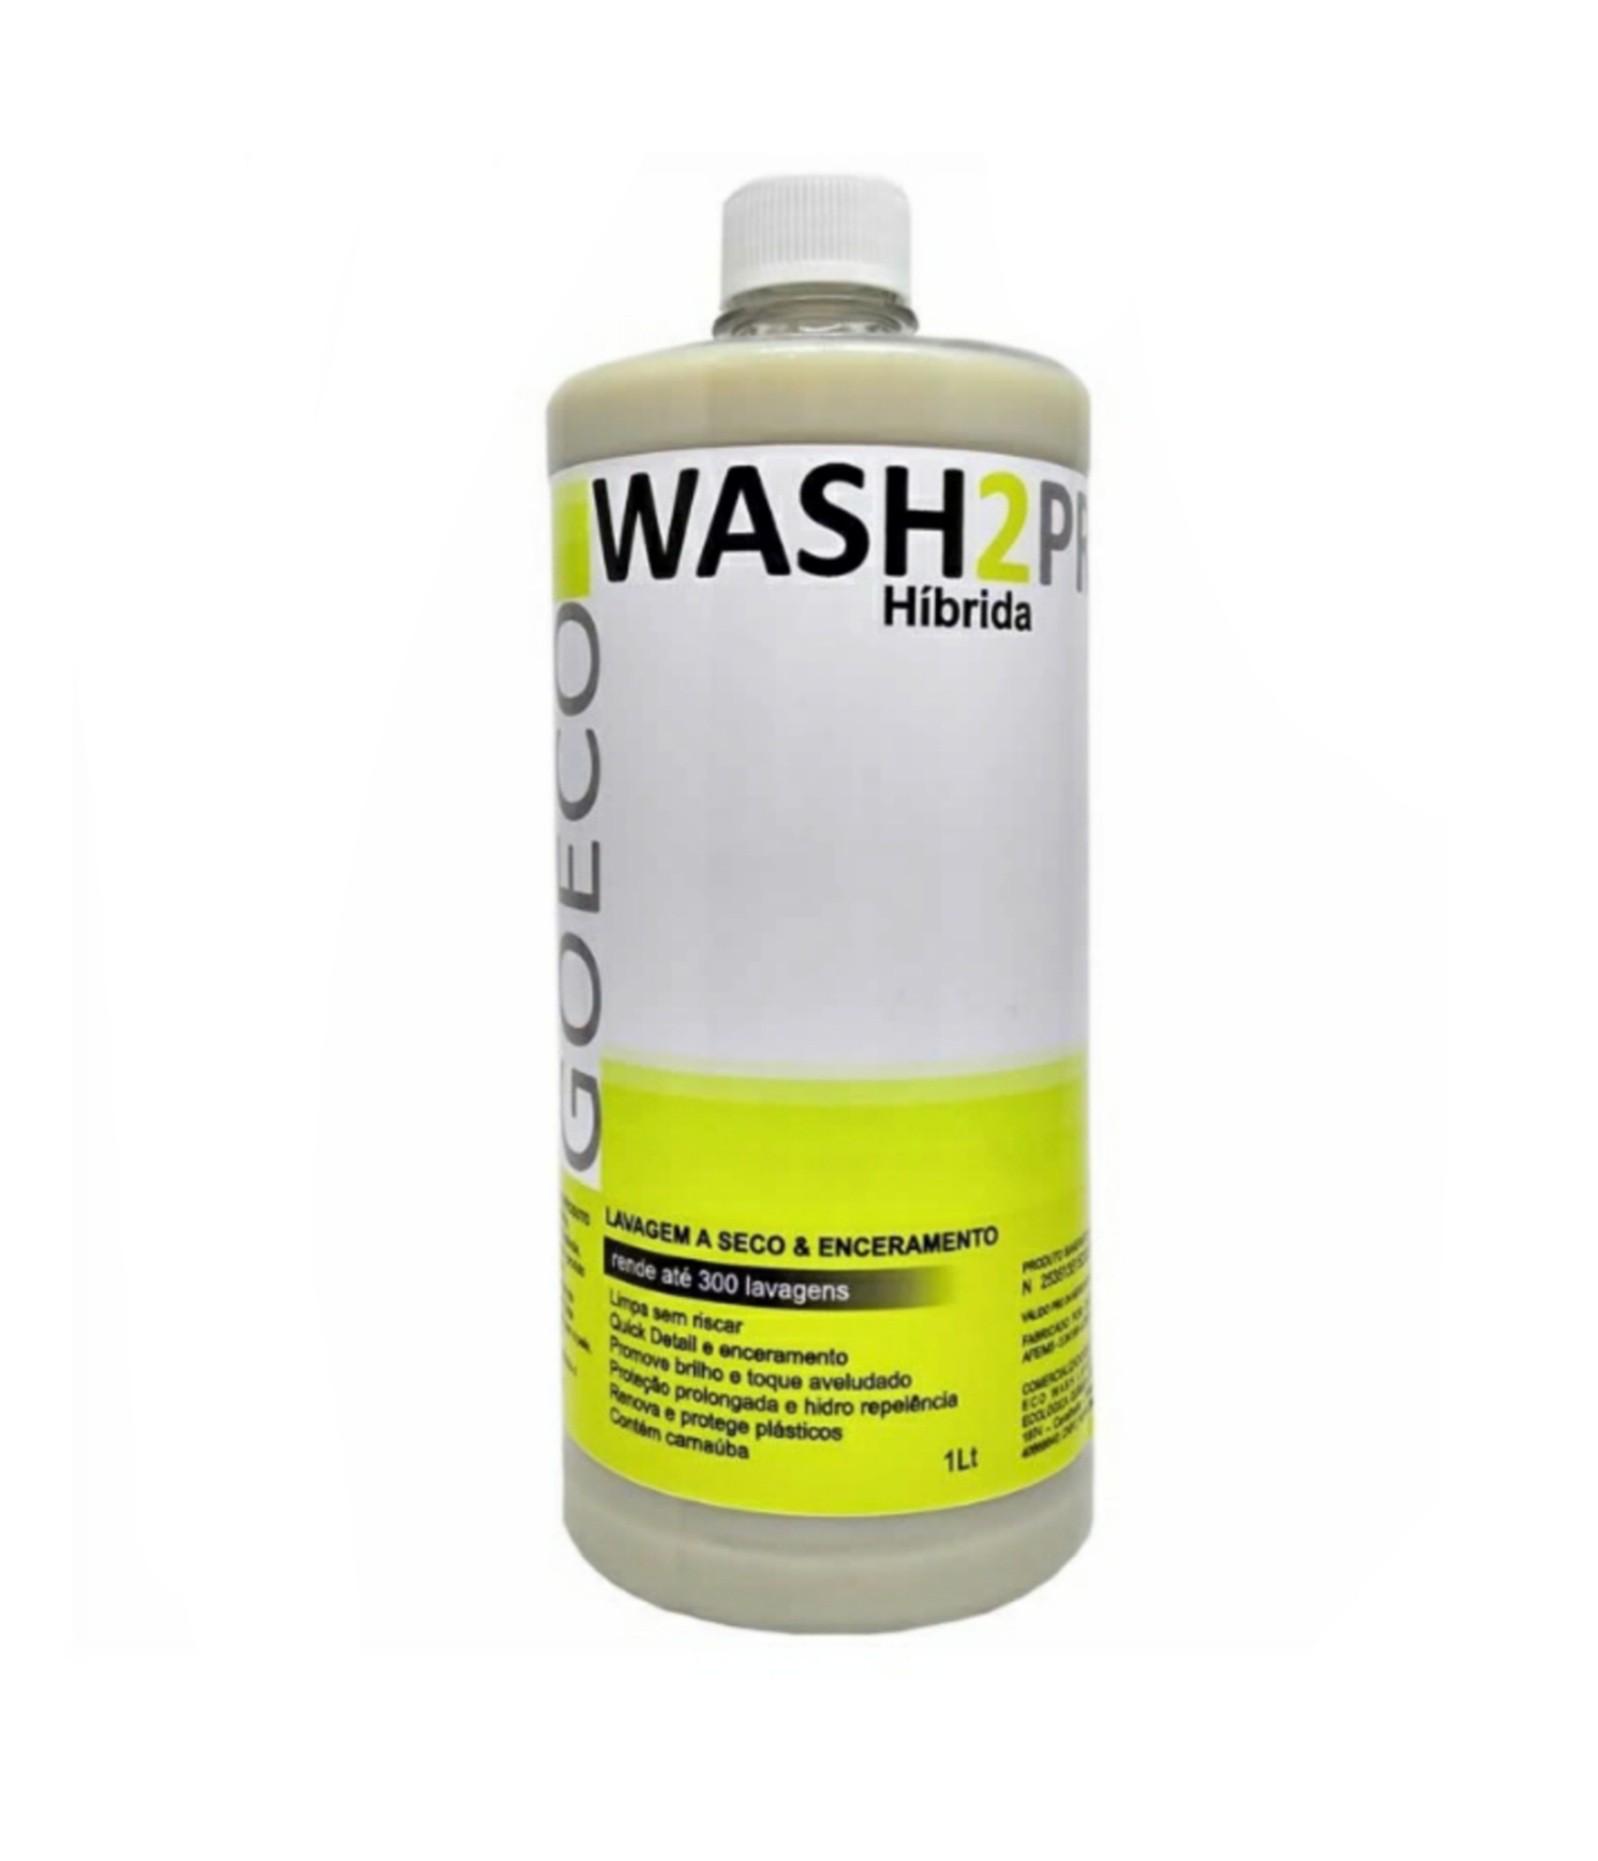 Wash2Pro Híbrida 1LT - Lavagem a seco e Enceramento - 300 lavagens